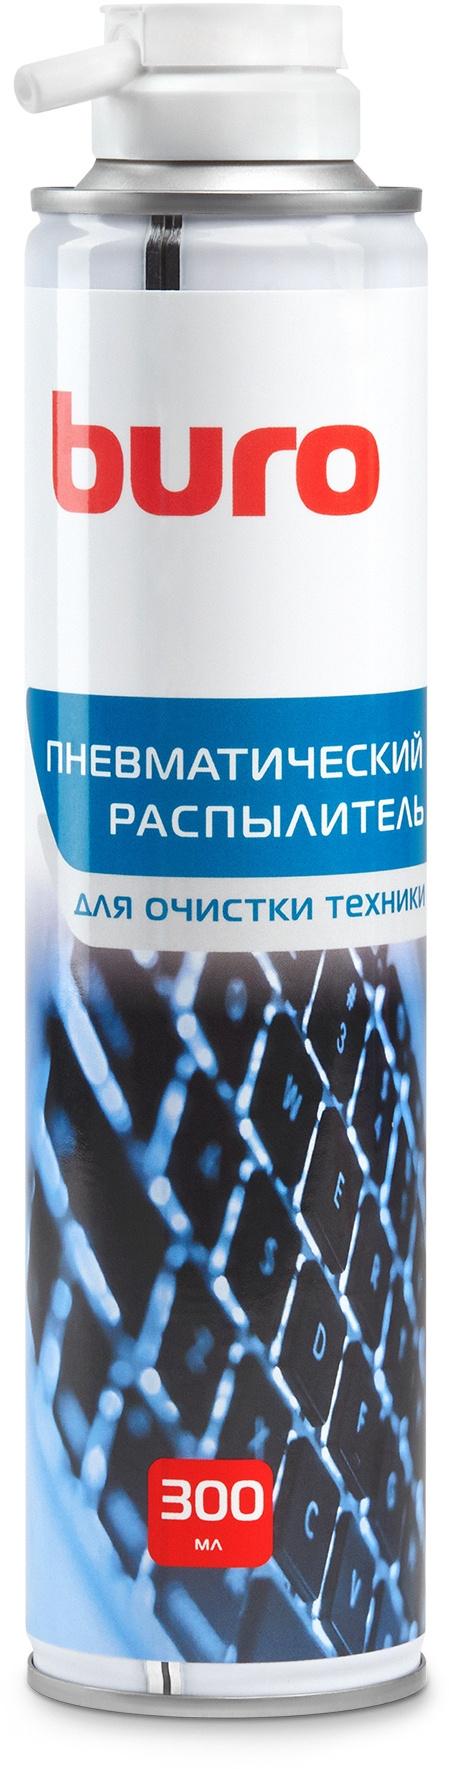 Пневматический очиститель Buro BU-air для удаления пыли 300мл